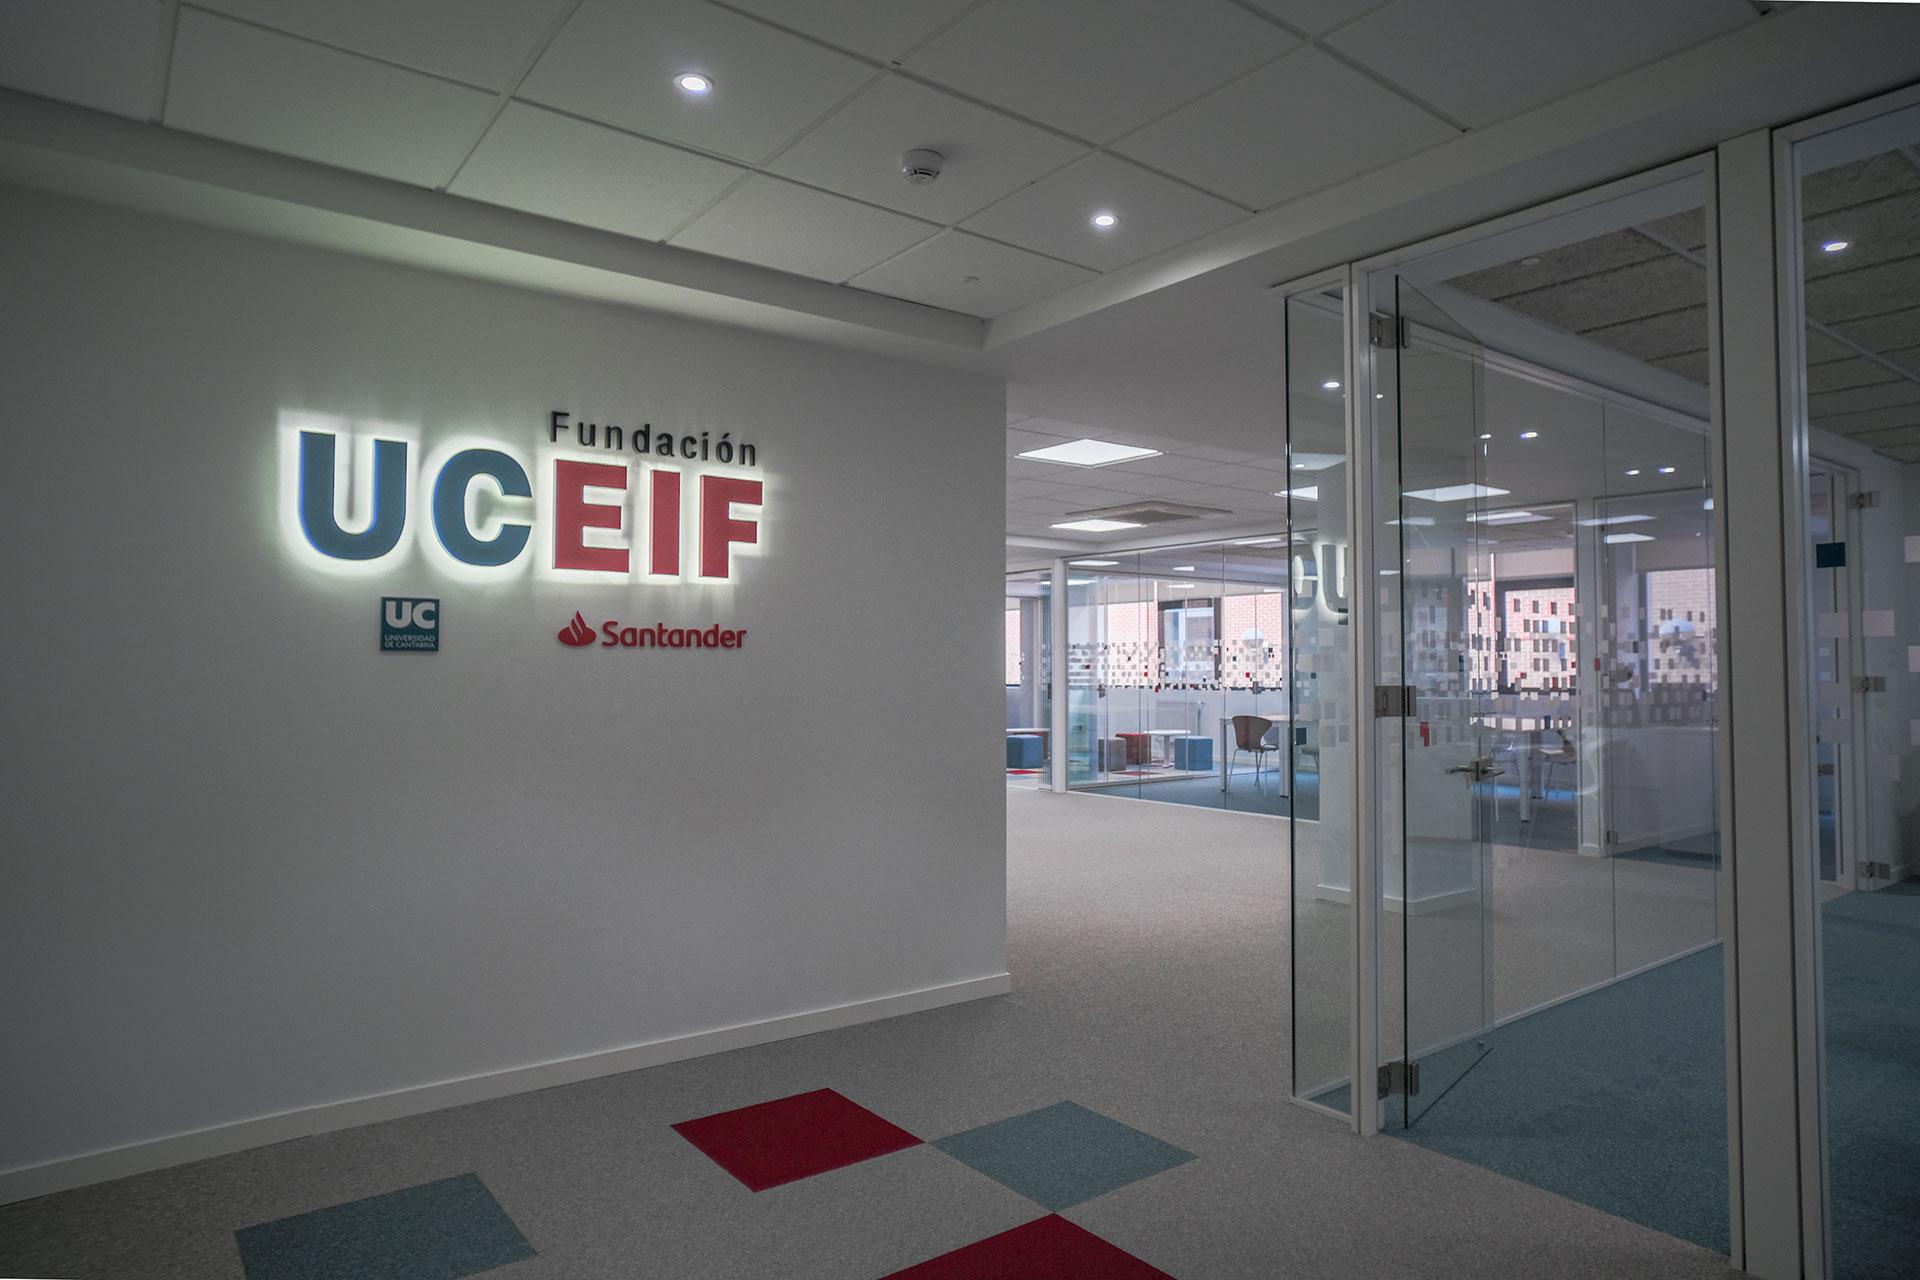 La Fundación UCEIF convoca 8 'Becas Santander Financial Institute' dotadas con más de 90.000 euros para cursar el Máster en Banca y Mercados Financieros